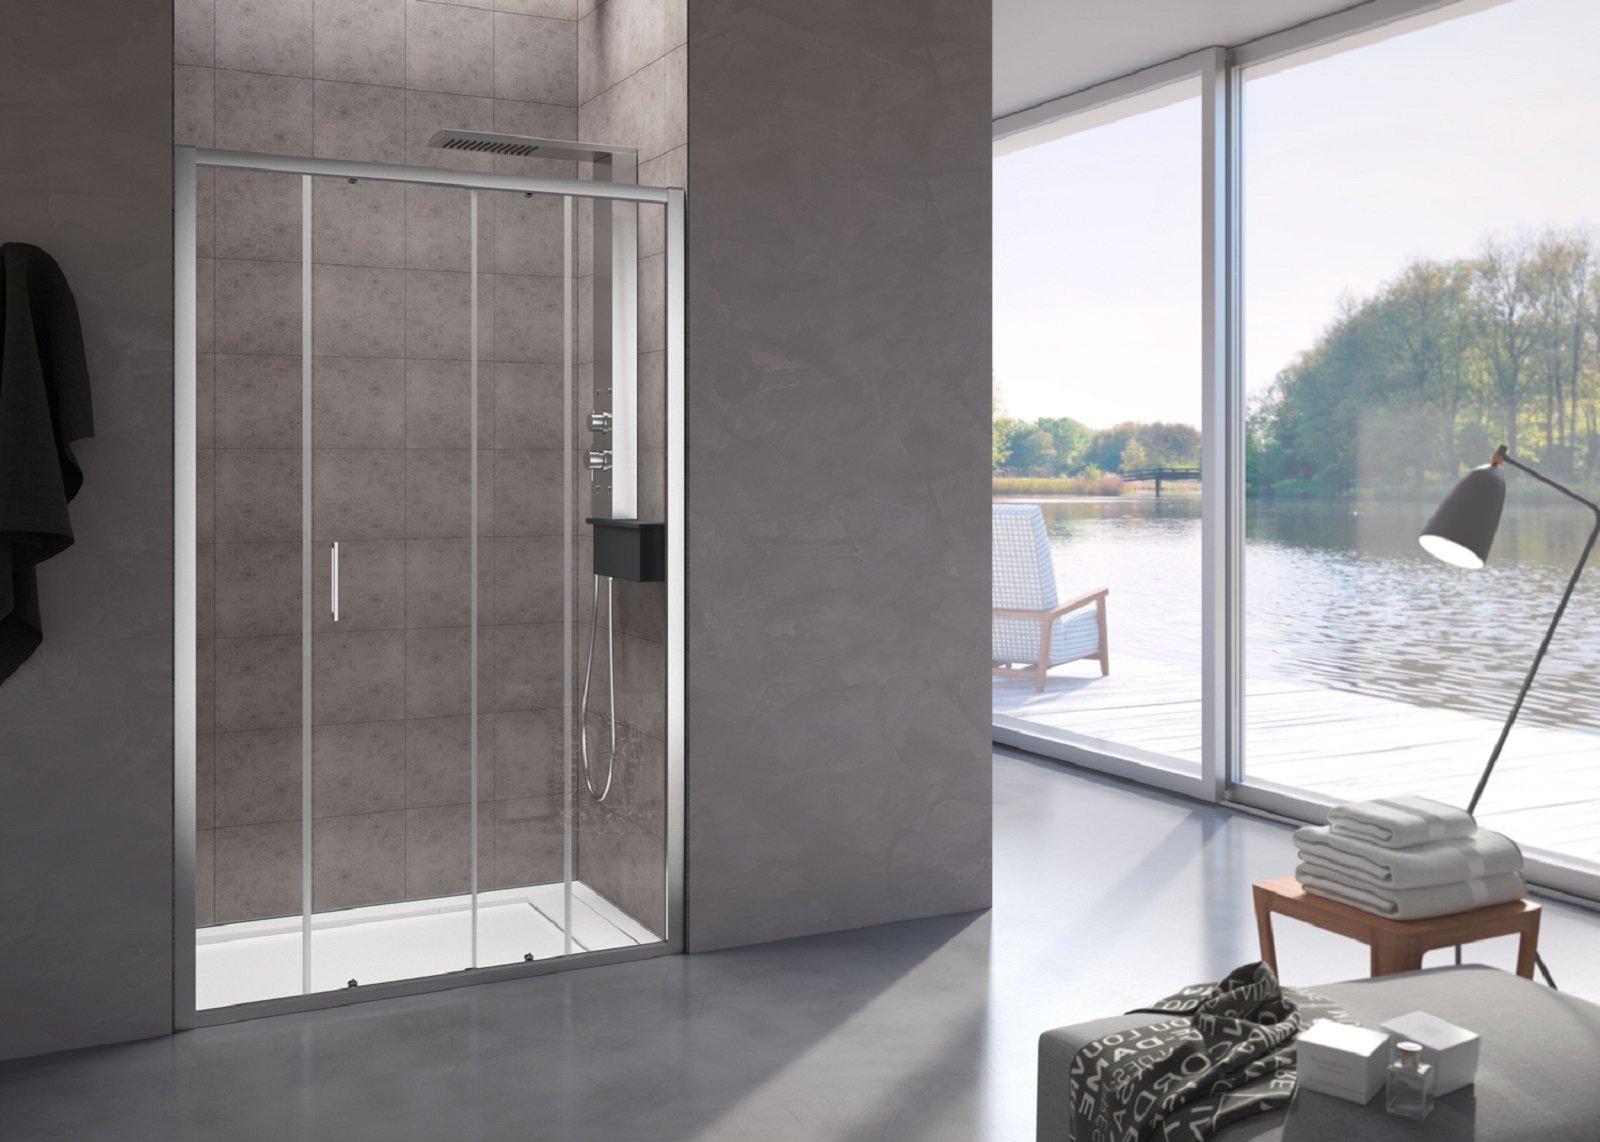 Vasca Da Bagno Hafro Prezzi : Anche con un budget contenuto si può attrezzare un nuovo bagno